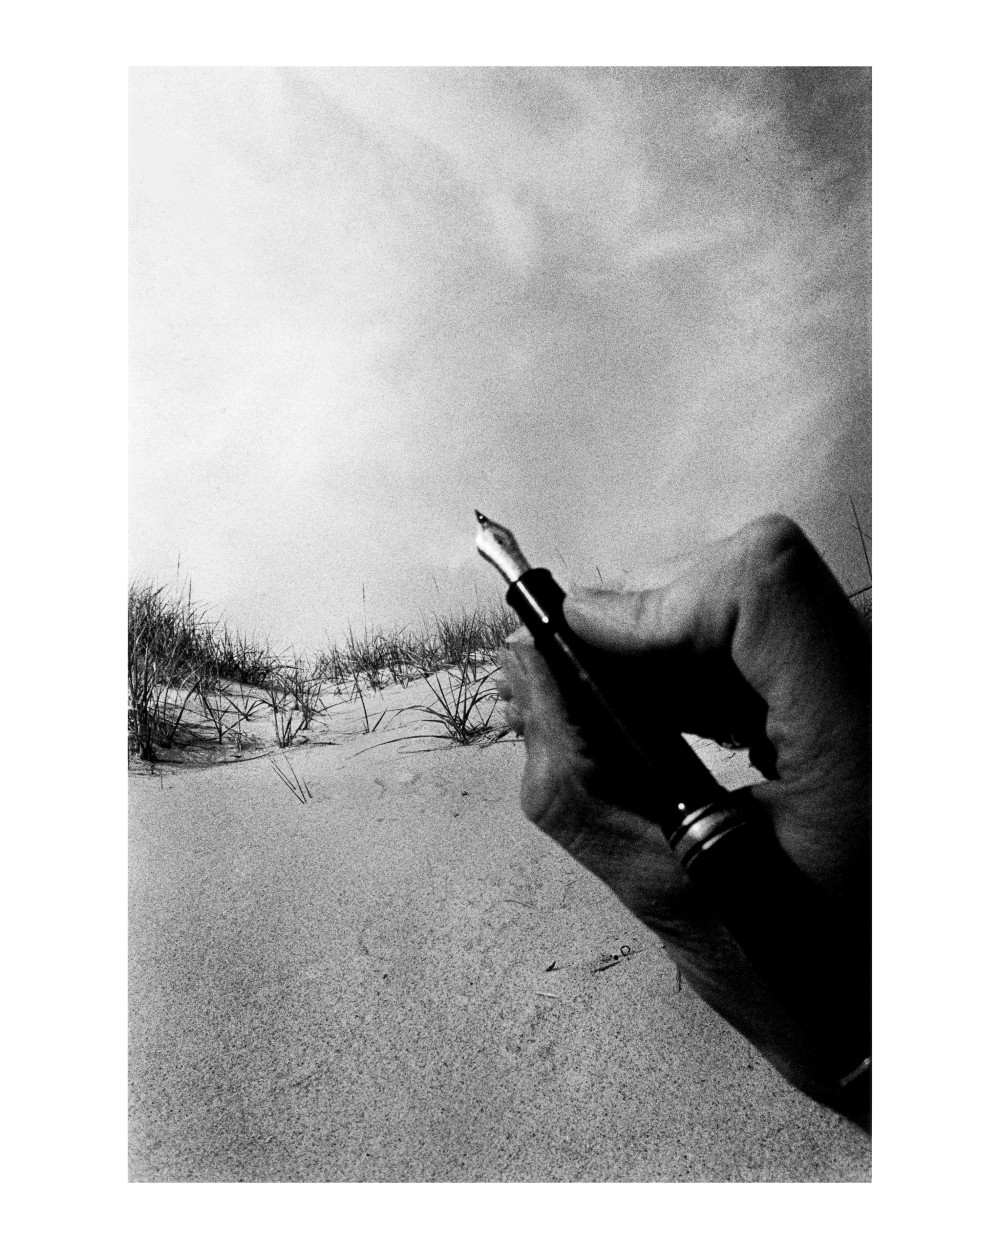 Ralph_Gibson Hand holding pen_final copie